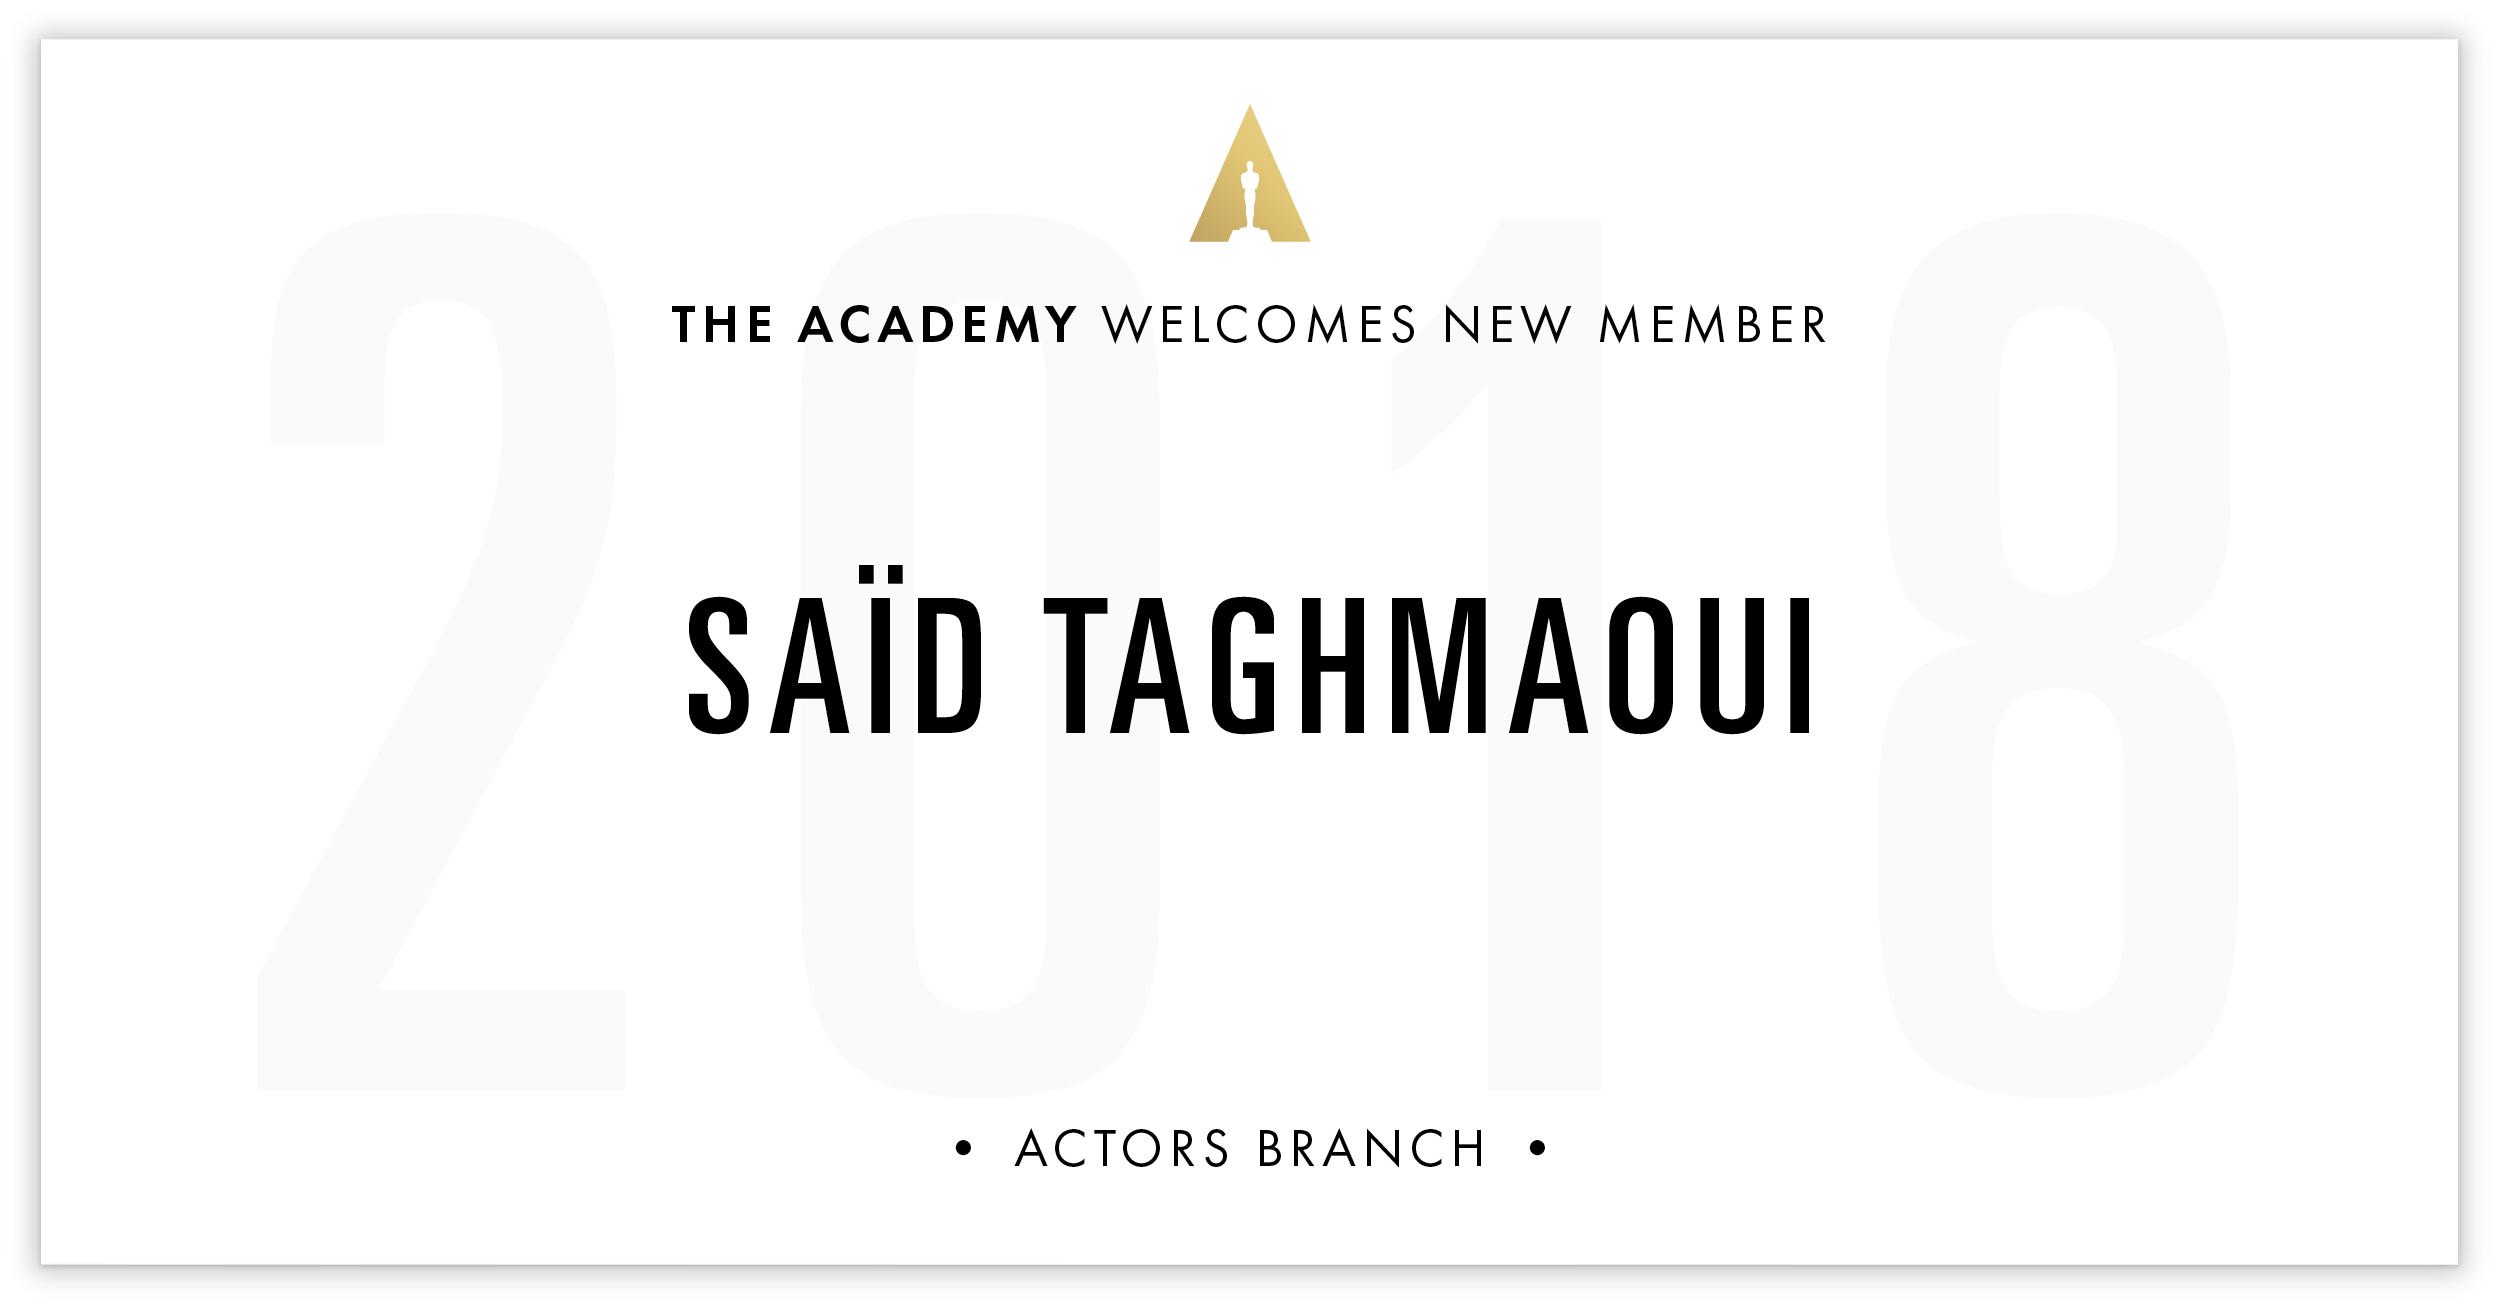 Saïd Taghmaoui is invited!